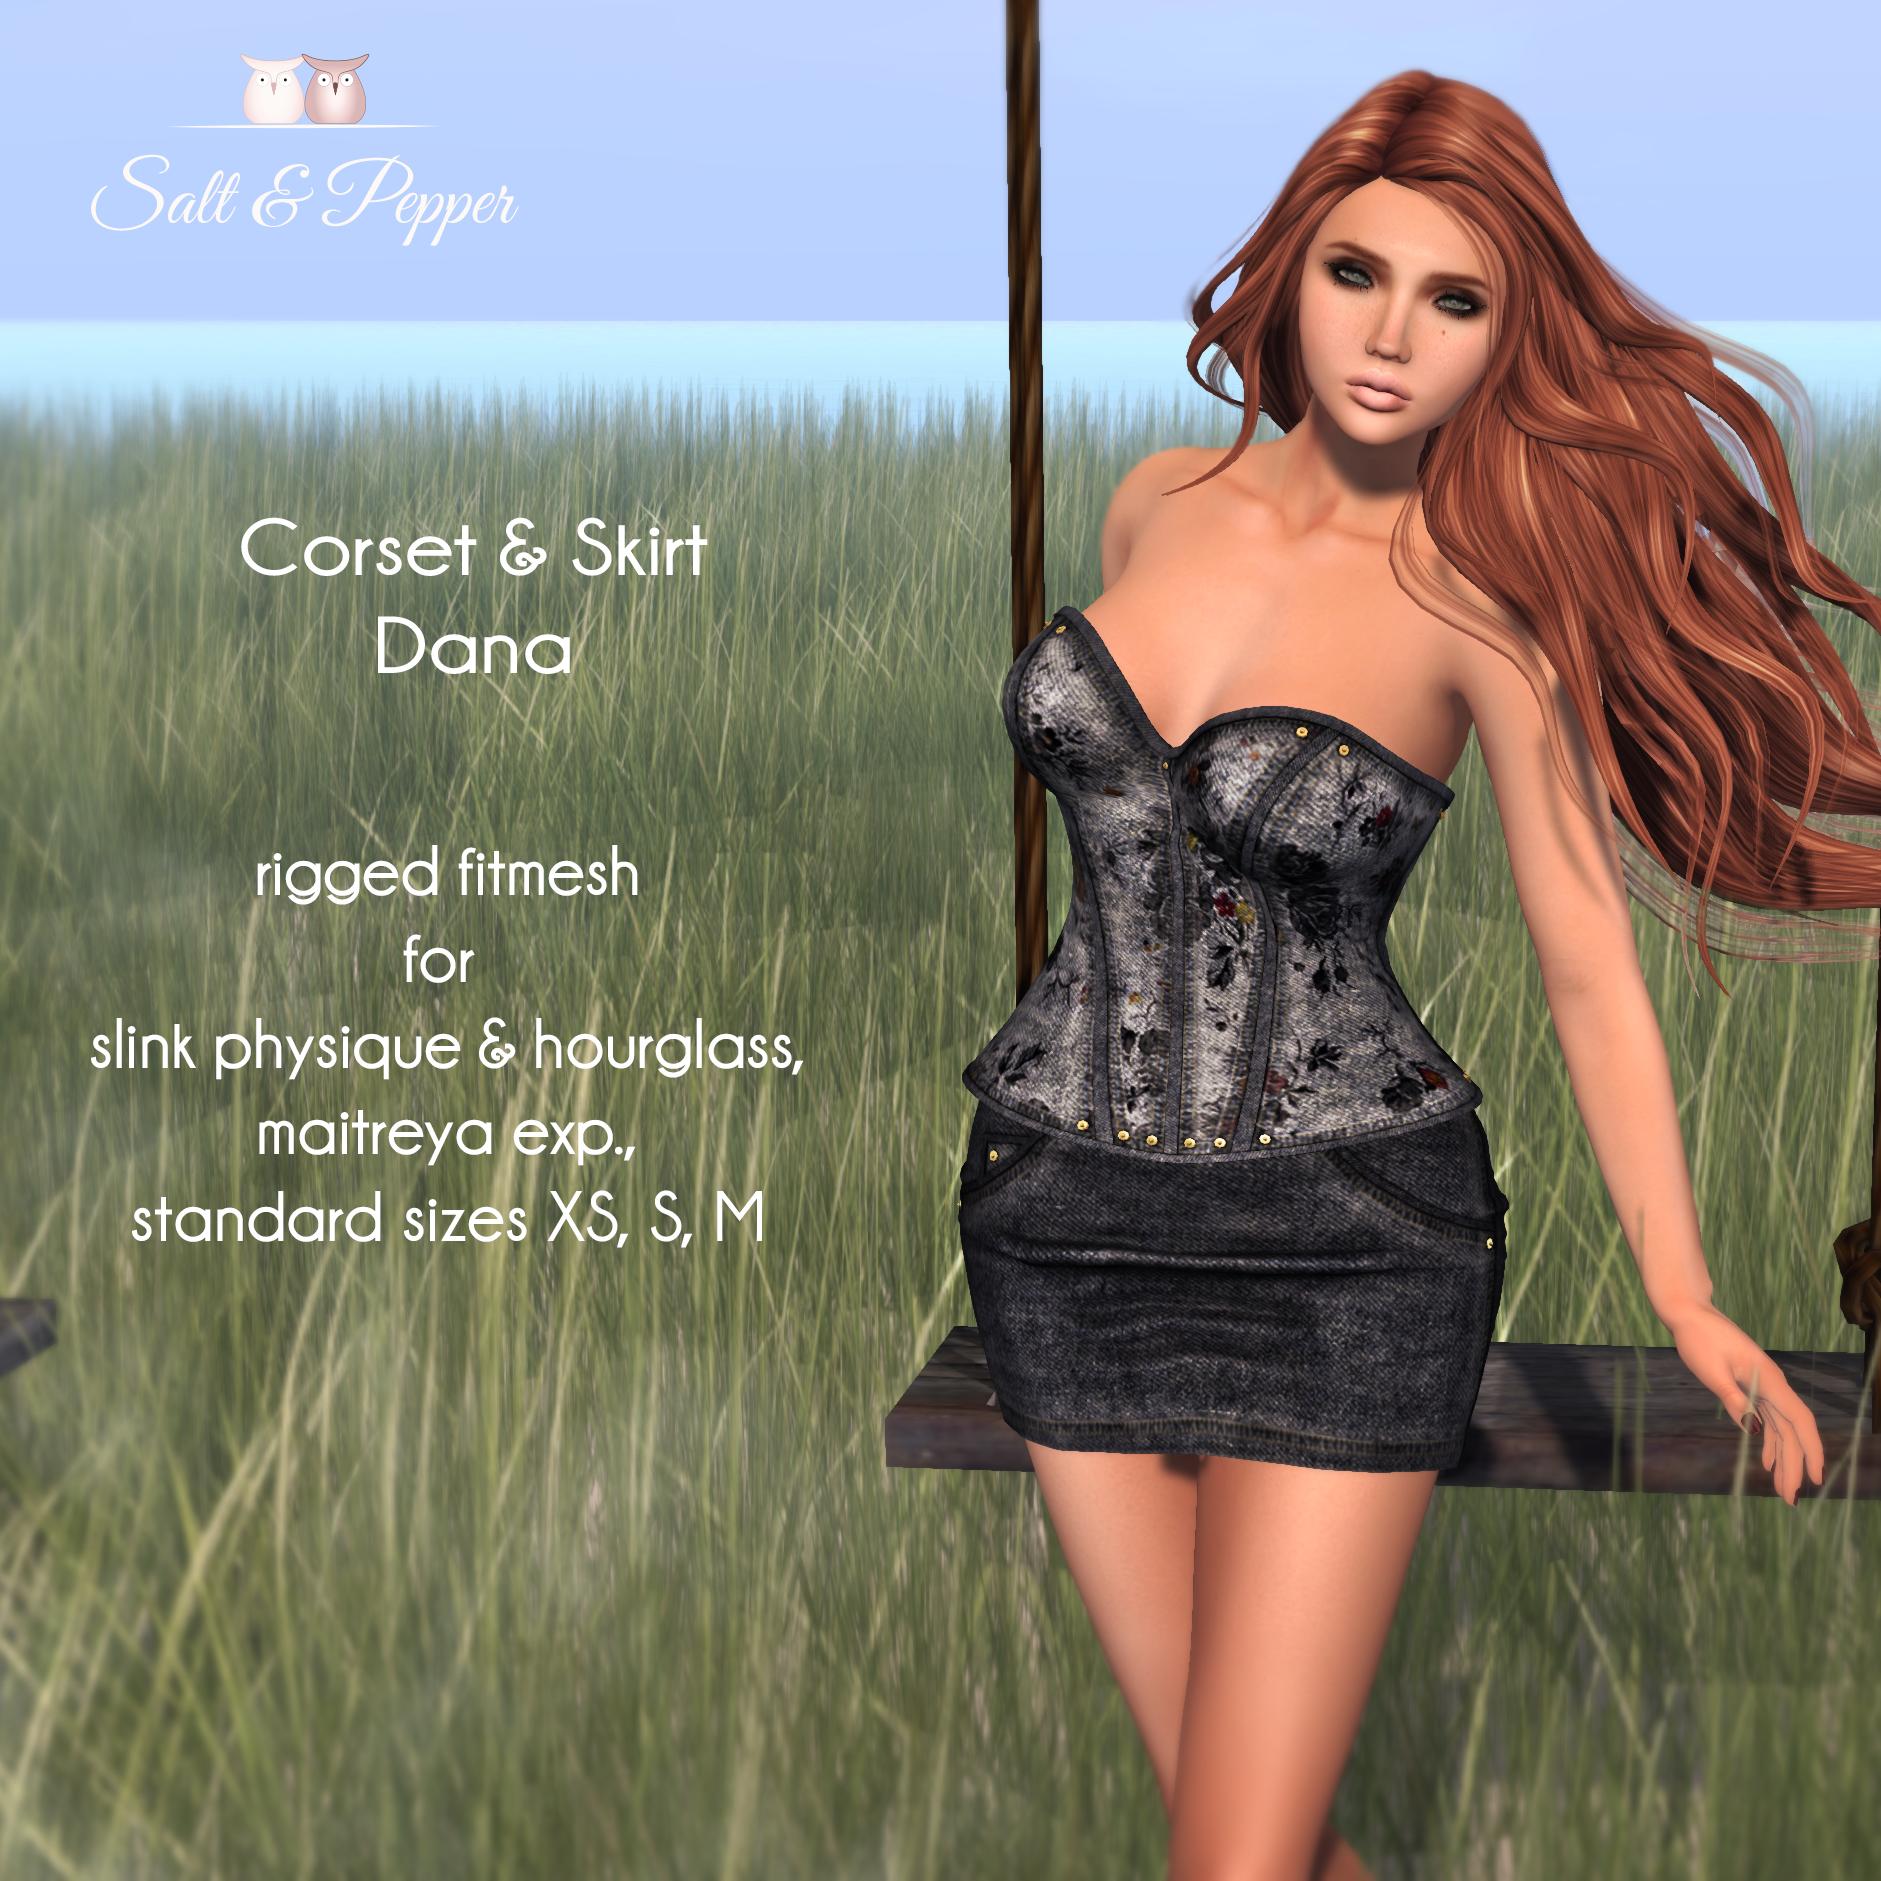 S_P Corset _ Skirt Dana.png